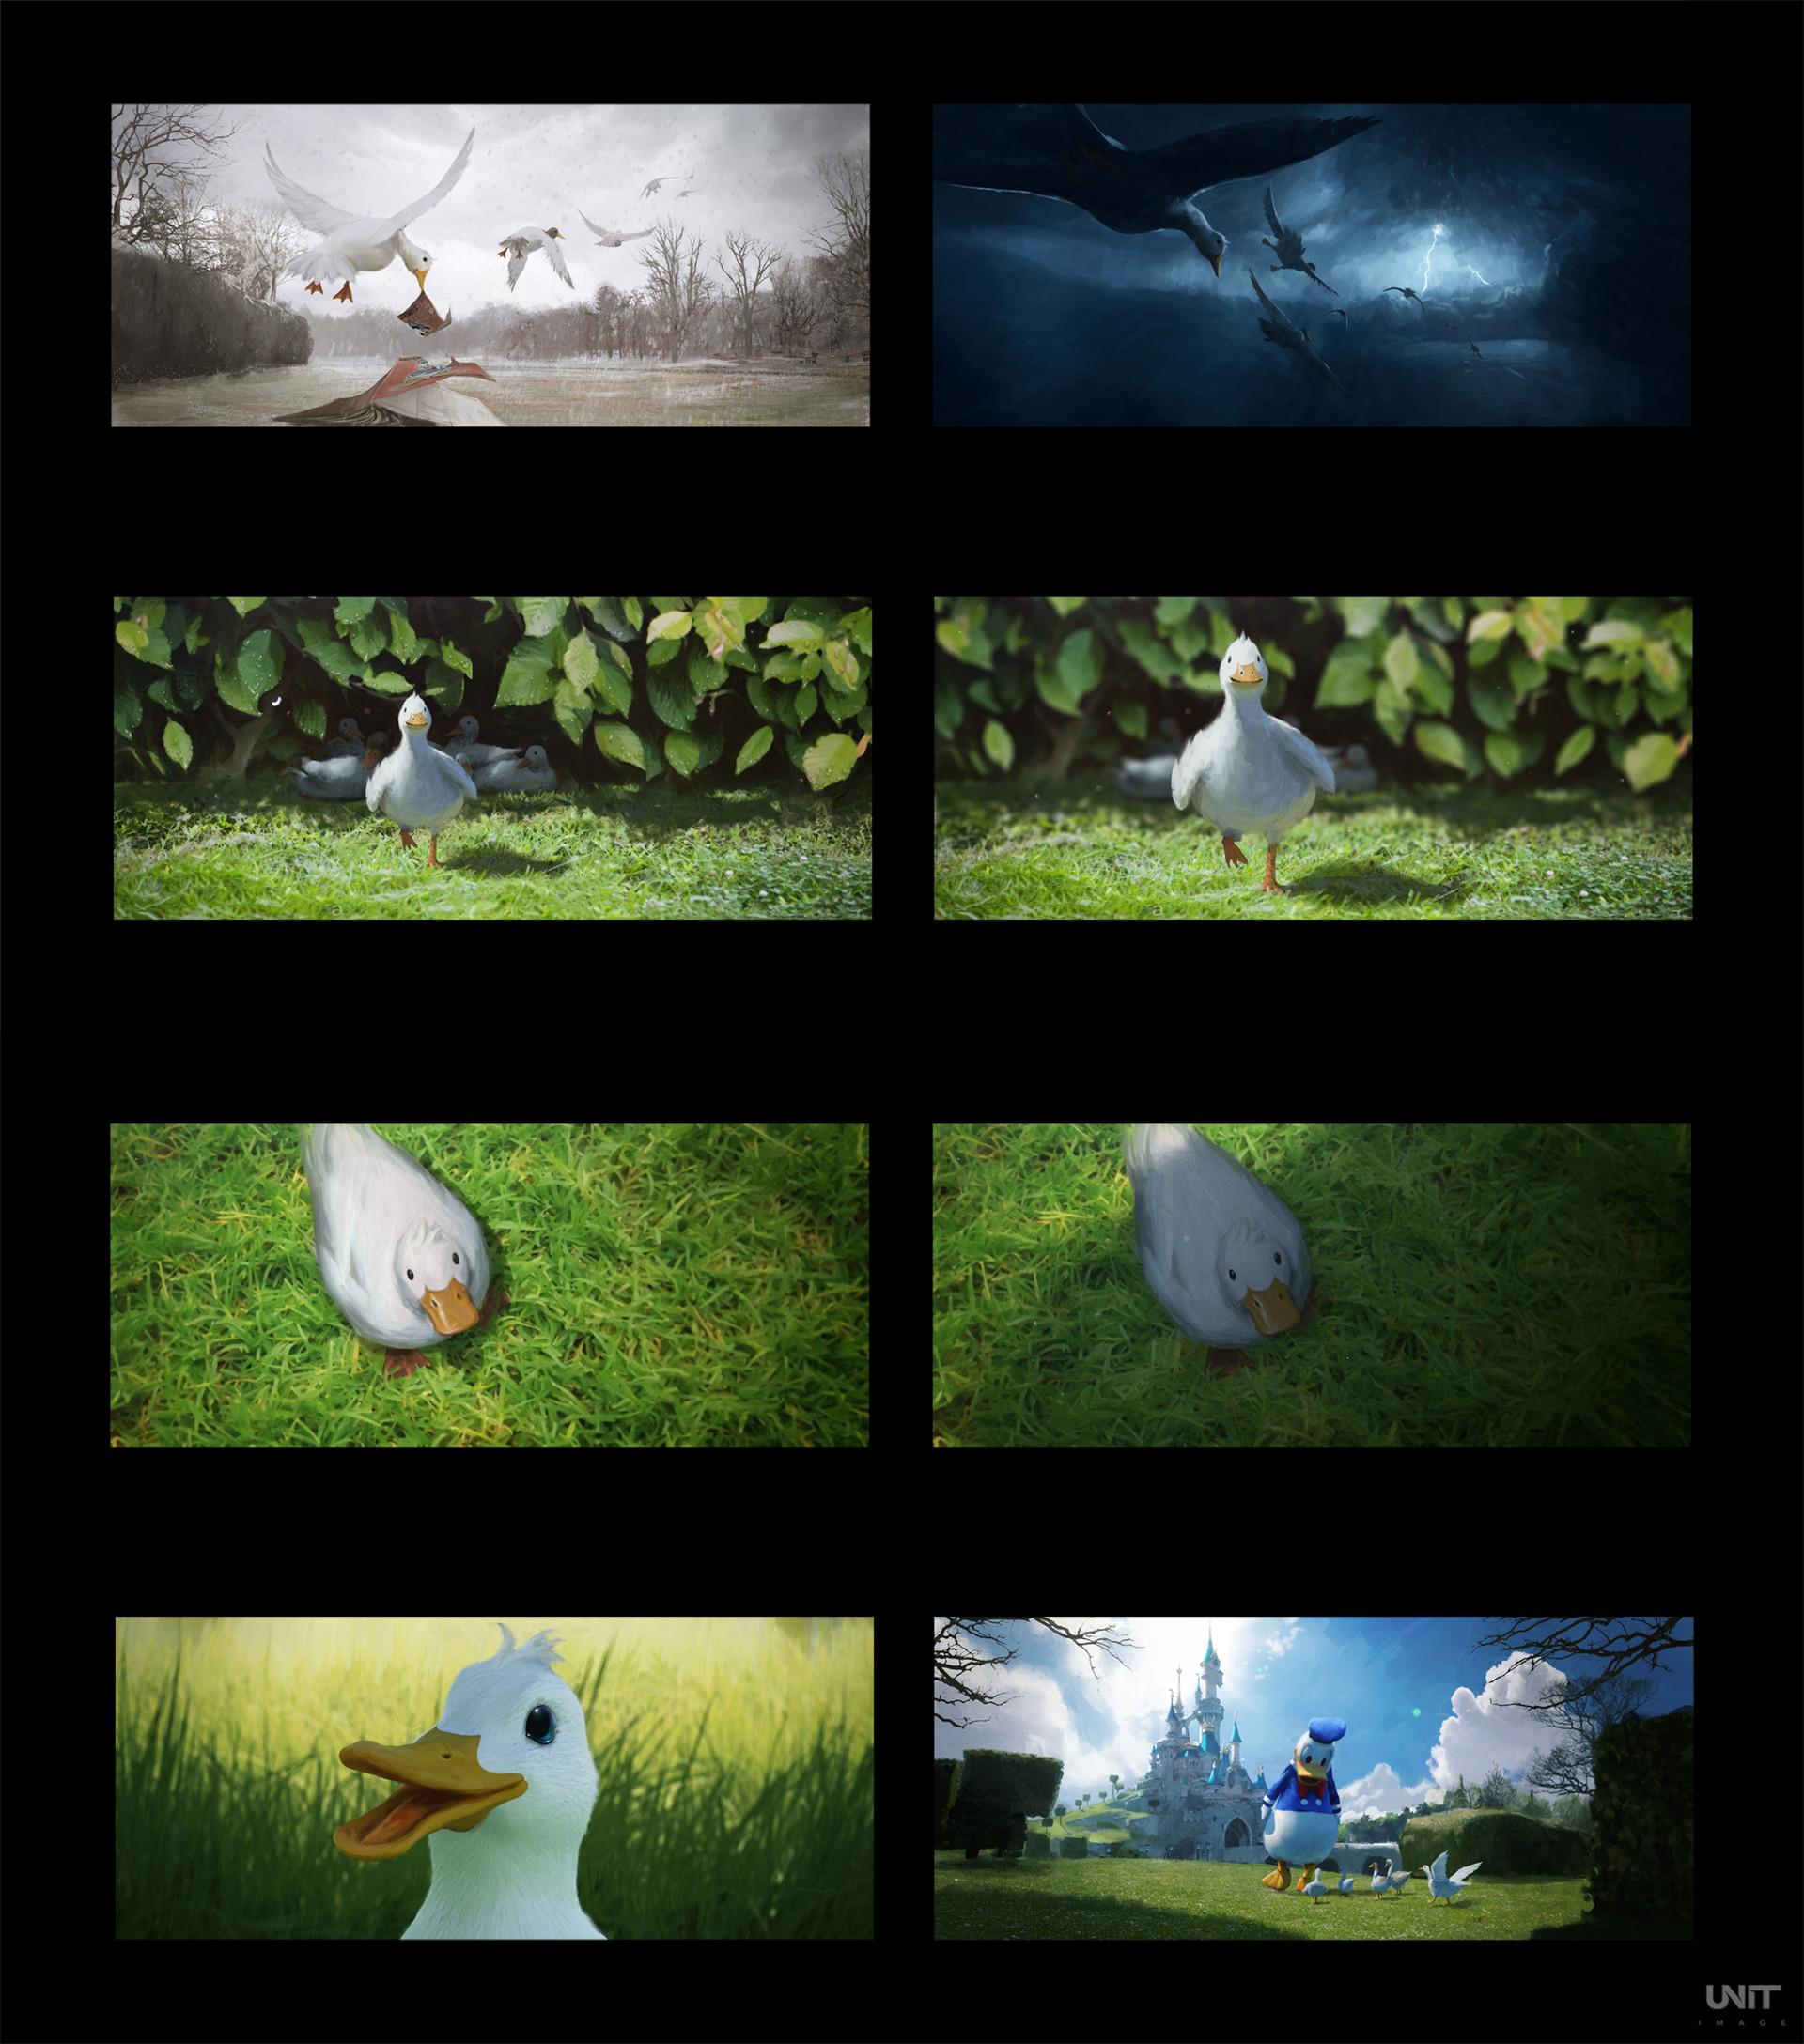 Jeremy paillotin canard 20180620 shot07 v004 jp